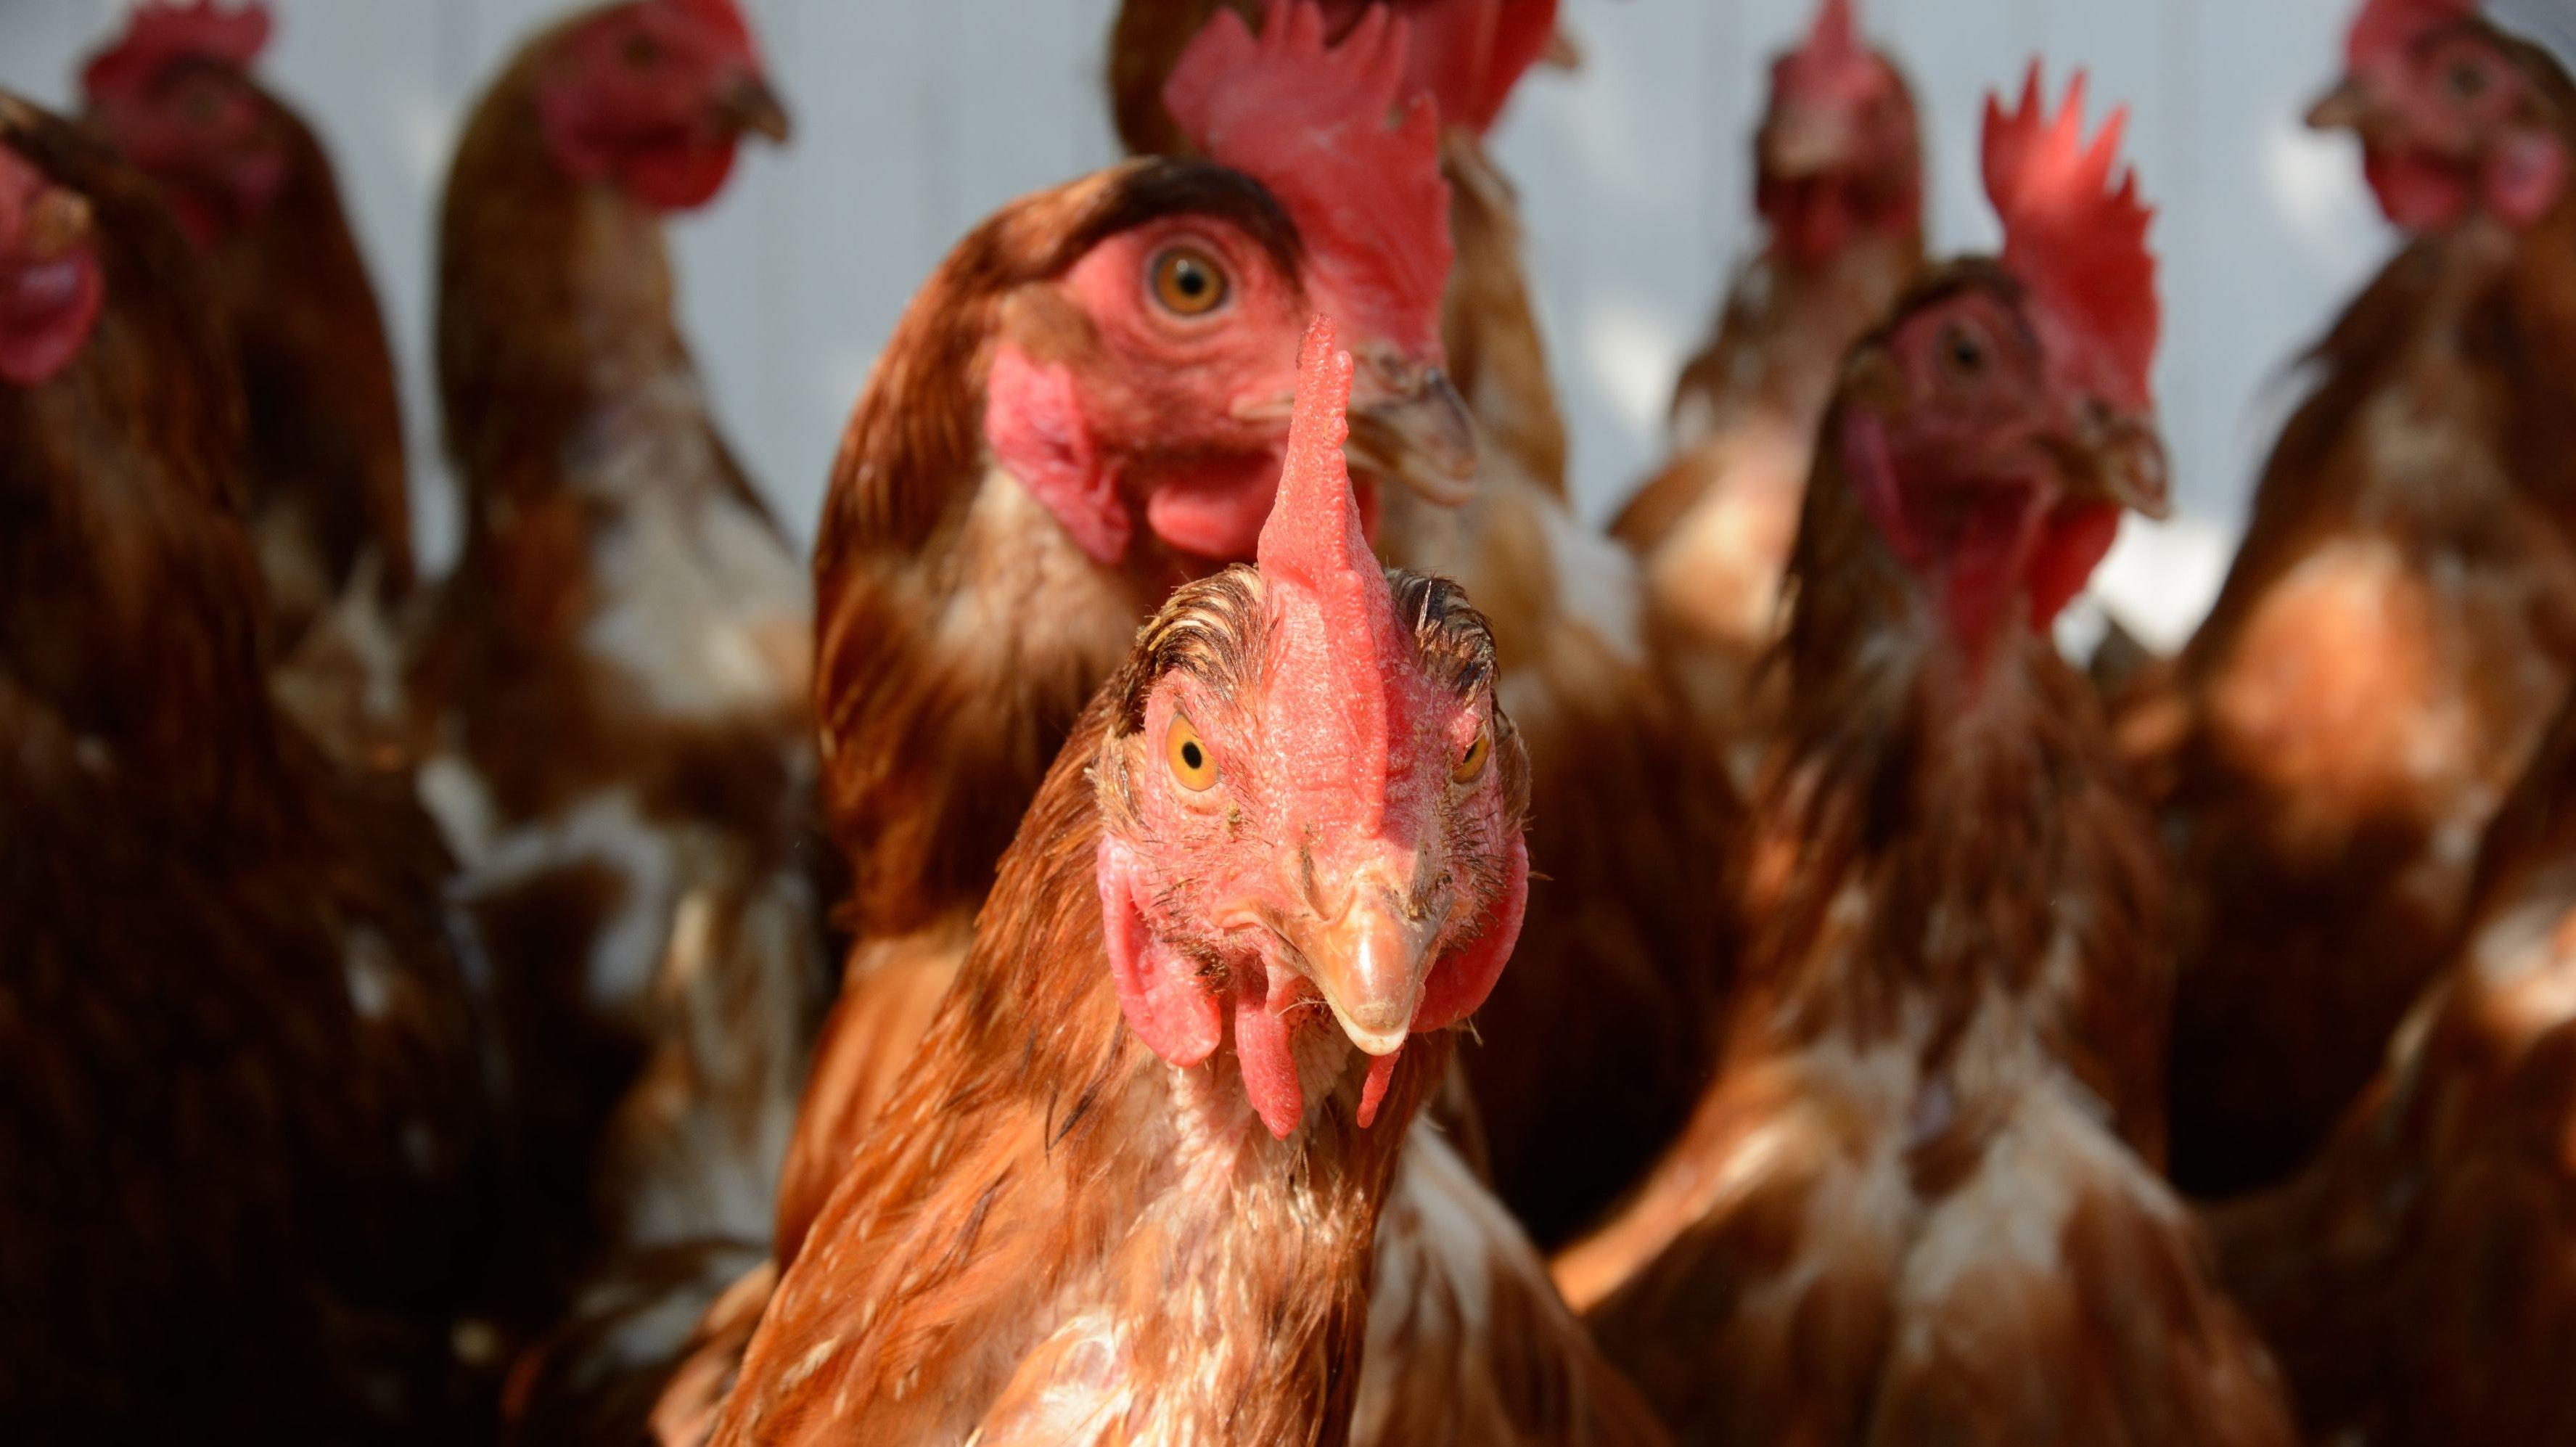 Niedersachsen ist Geflügelland Nummer eins: Die Branche begrüßt die Ergebnisse der Borchert-Kommission. Foto: pixelio / Aron